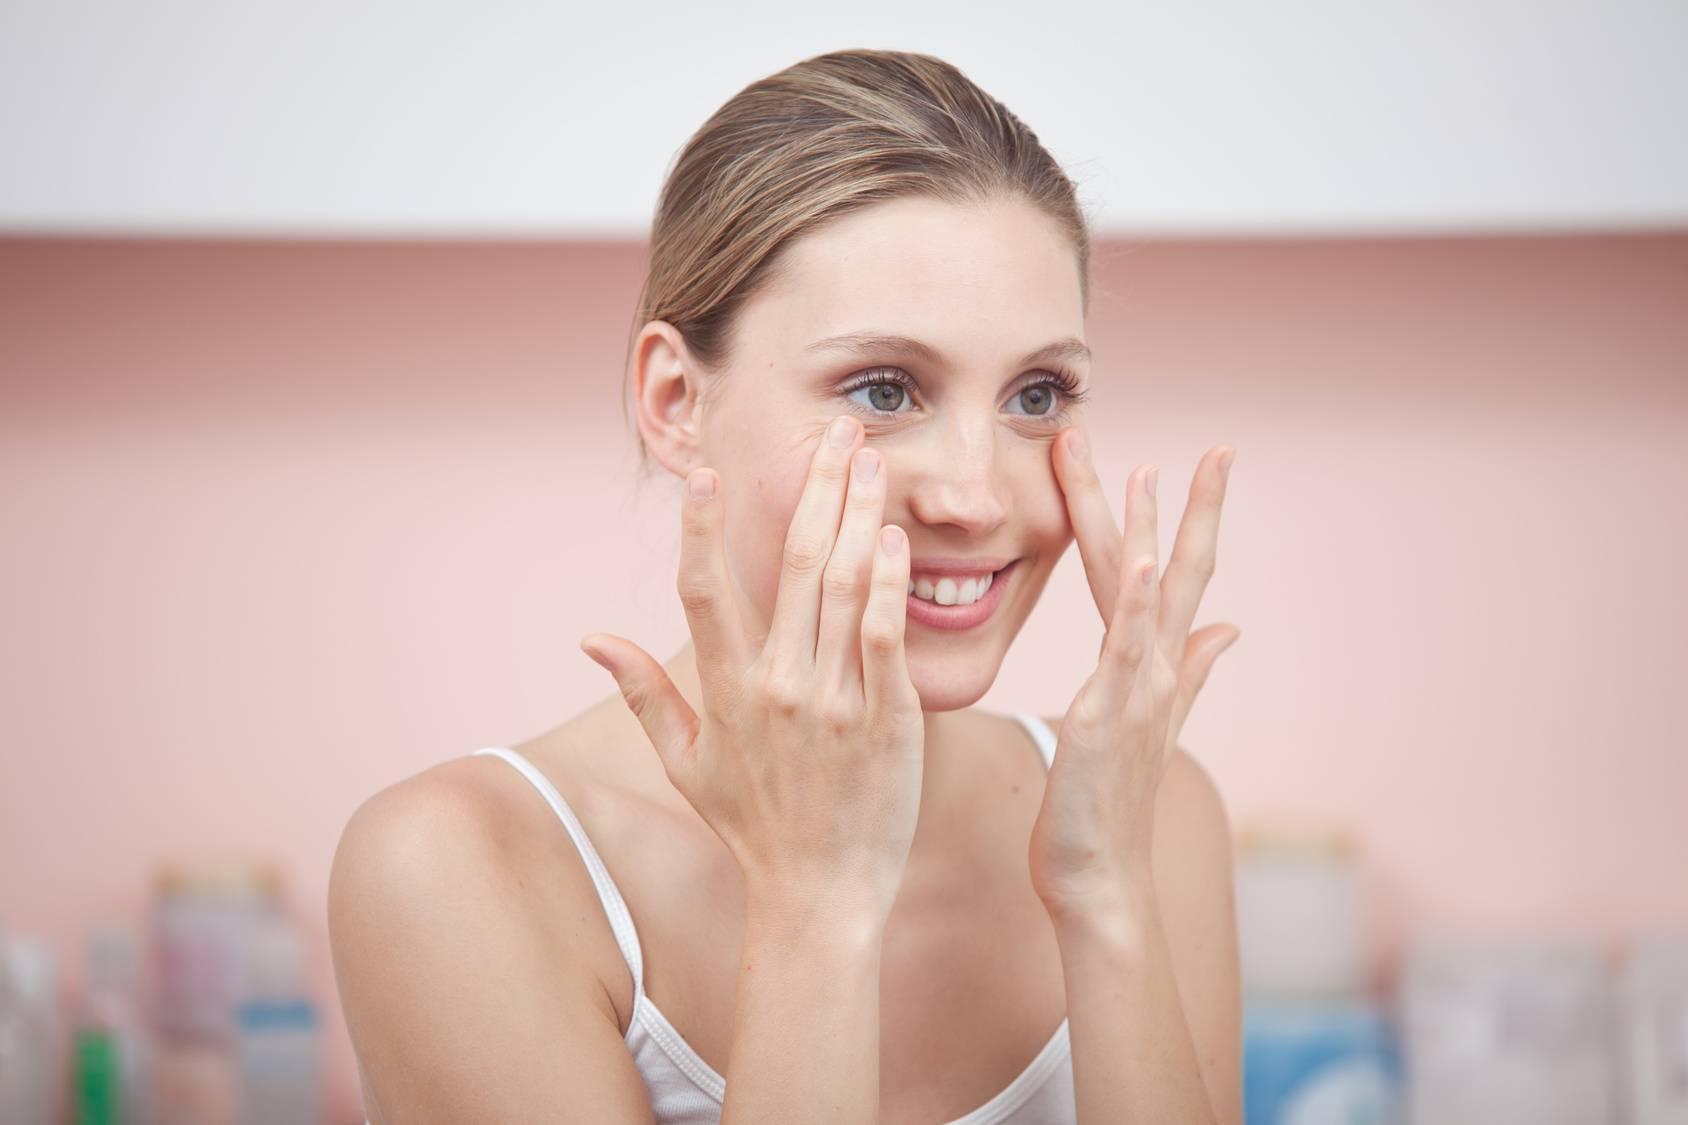 Obrzęk, opuchlizna, worki pod oczami - jak się ich pozbyć? Młoda kobieta w białym topie dotyka palcami worków pod oczami.